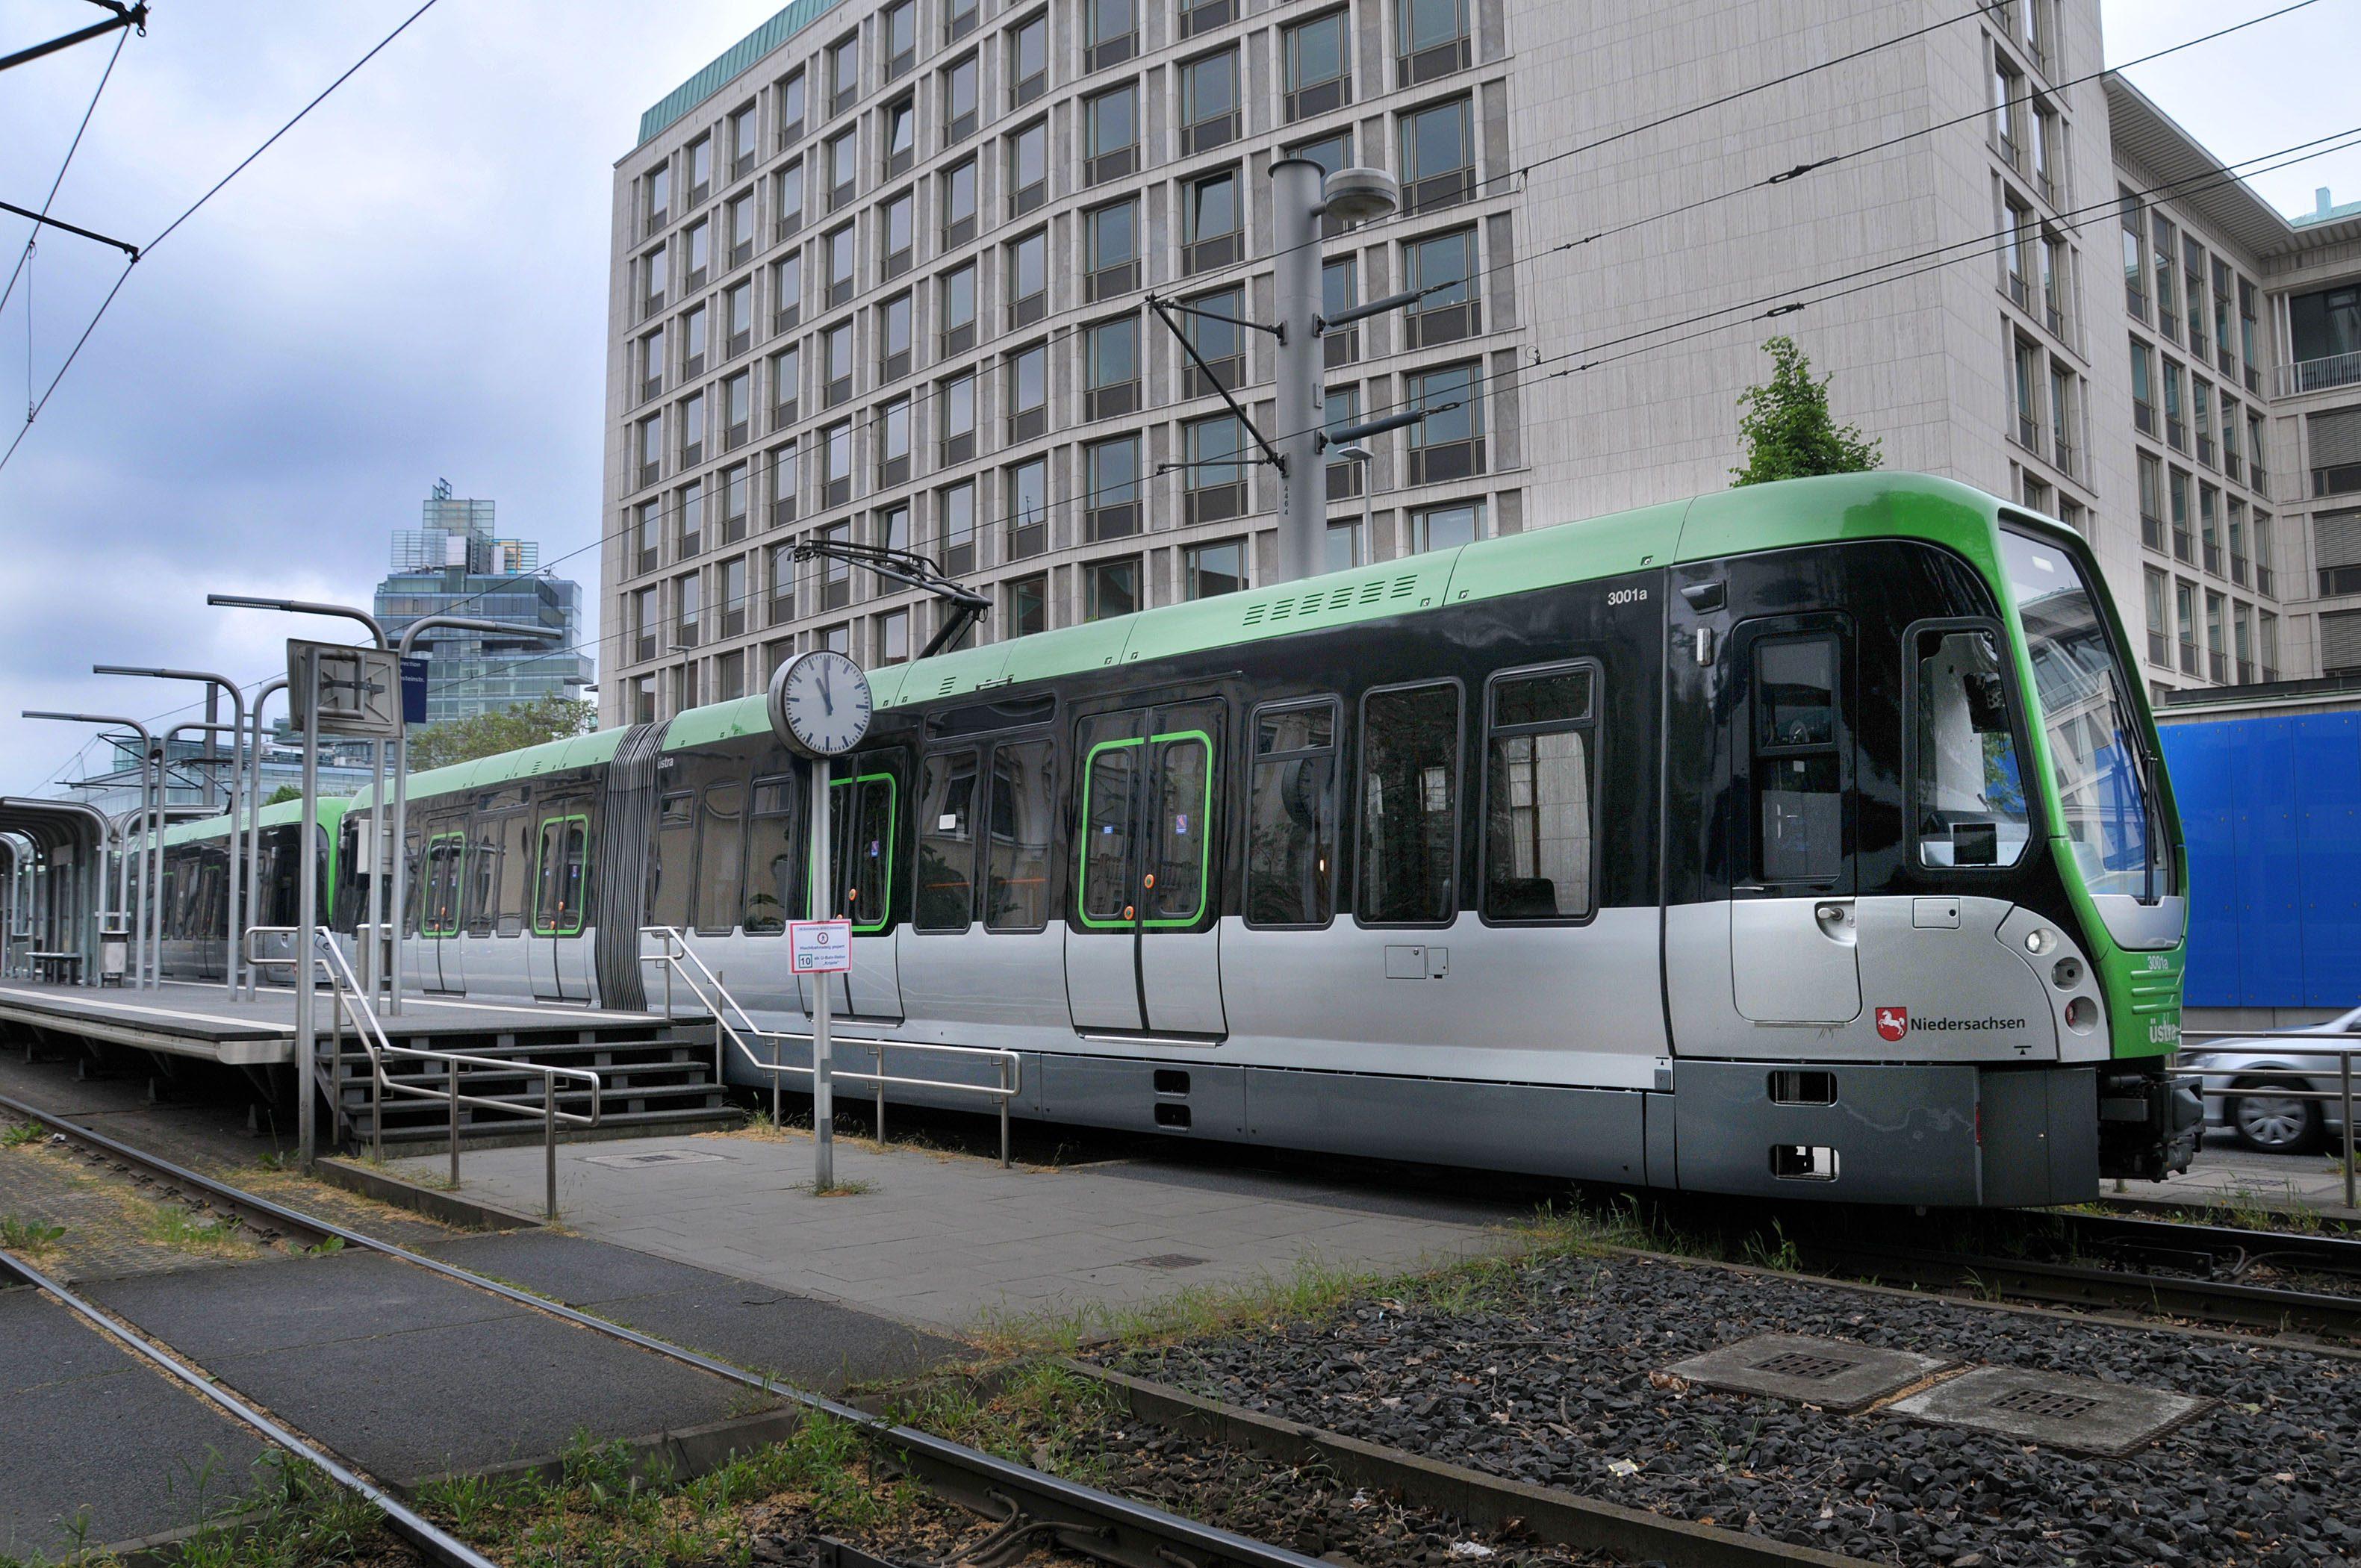 Letzter Stadtbahnzug am Aegie